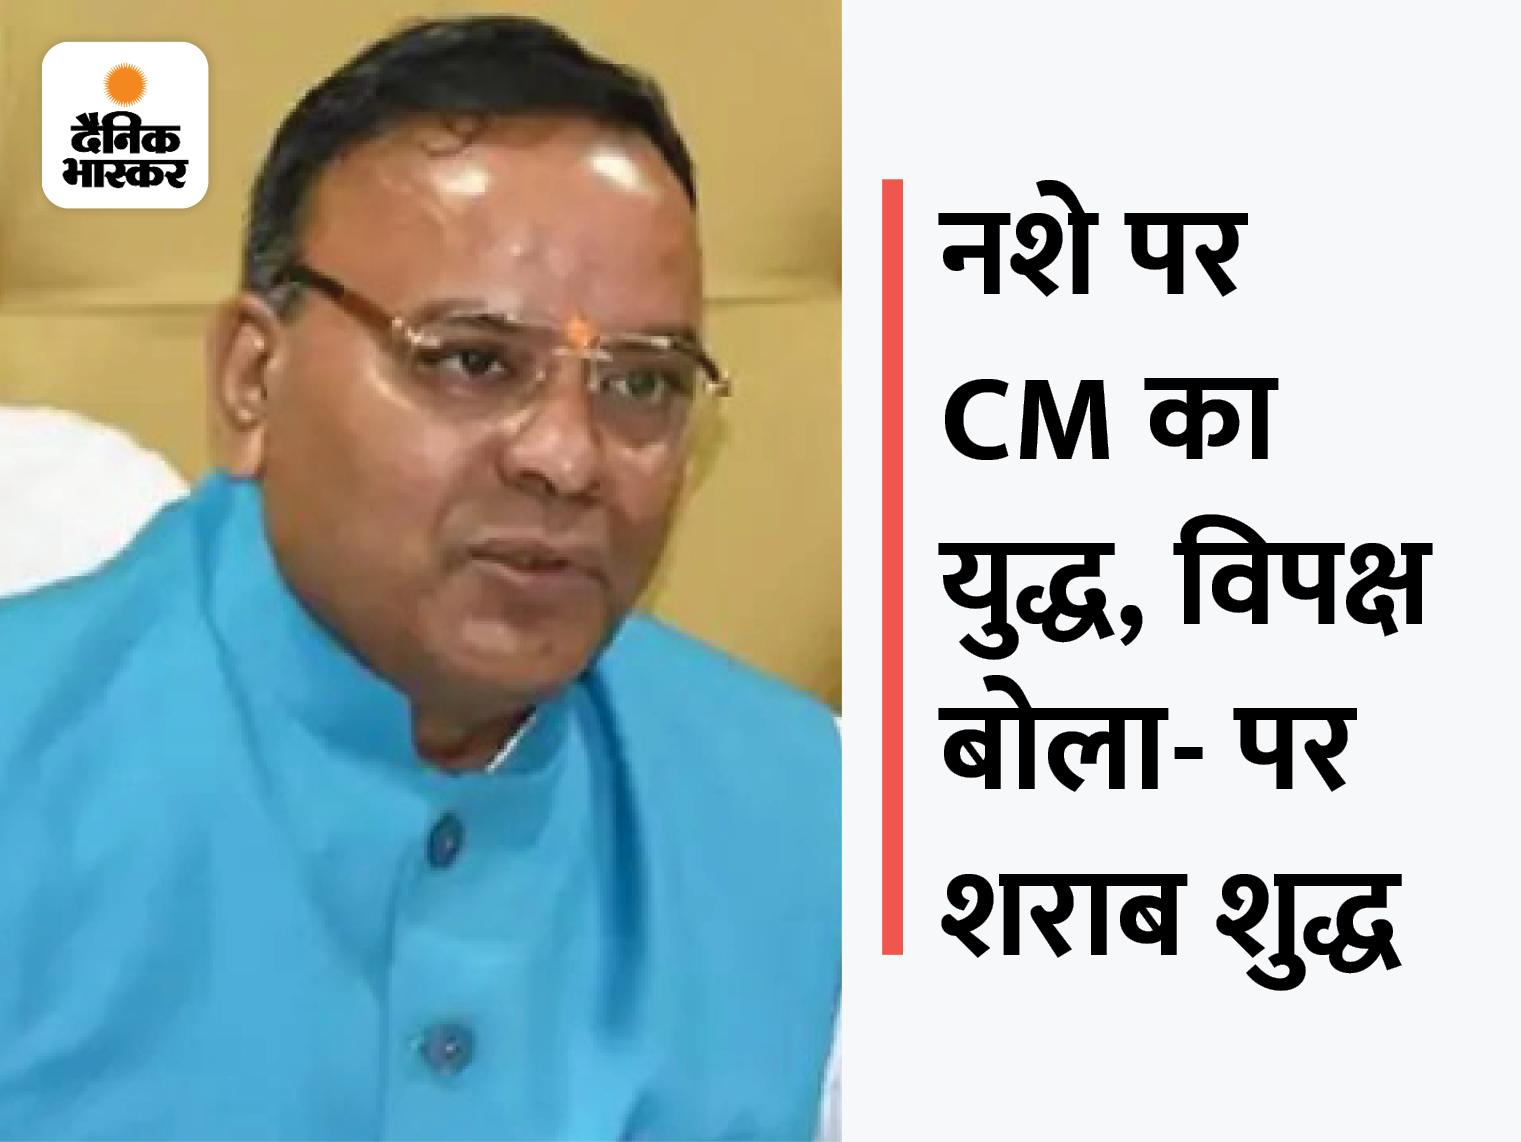 पूर्व CM बोले- शराब को शुद्ध मानती है सरकार; विधायक बोले- गांजा पत्ती नहीं, यहां तो टनों की जरूरत|रायपुर,Raipur - Dainik Bhaskar